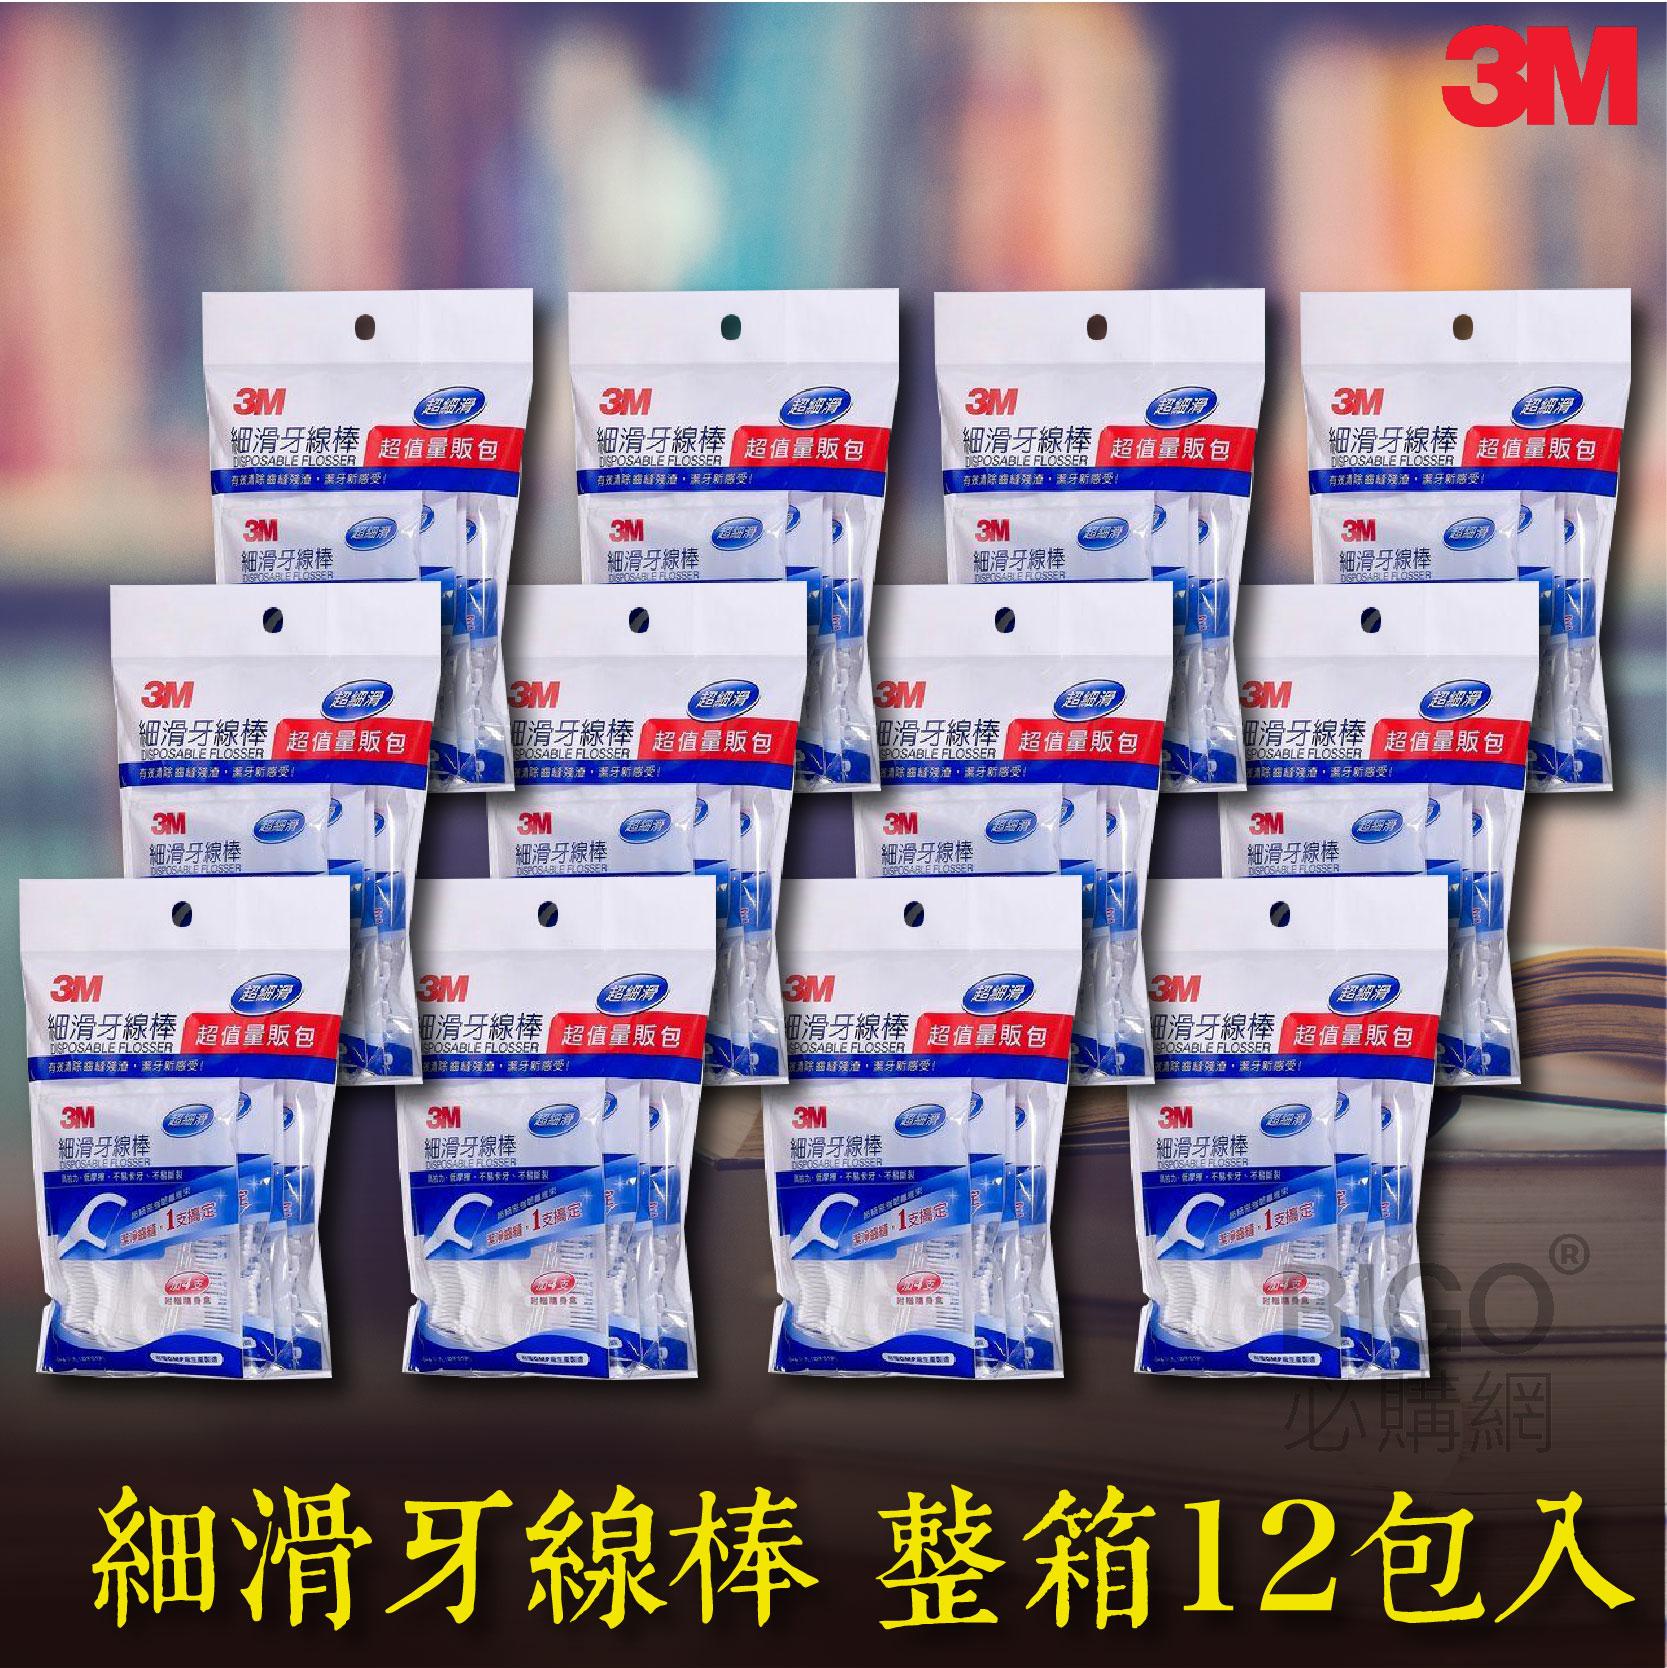 【超好用】3M細滑牙線棒 整箱裝 9包入 1800支 (200支入/包) 牙線/牙齒/健康/保健/口腔清潔 公司原廠貨